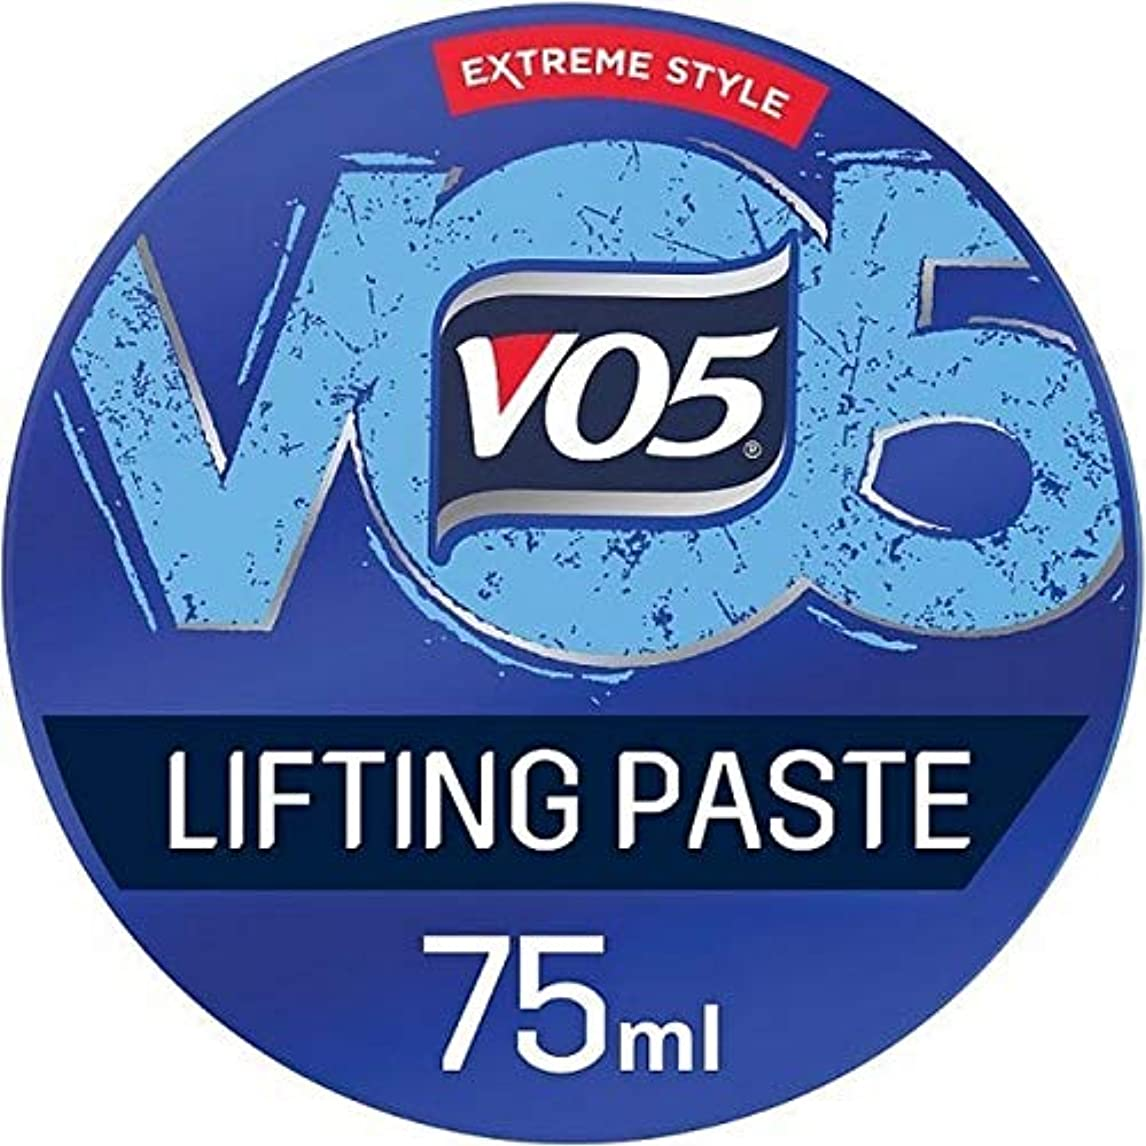 毎回クリープクローン[VO5] Vo5極端なスタイルリフティングペースト75ミリリットル - VO5 Extreme Style Lifting Paste 75ml [並行輸入品]